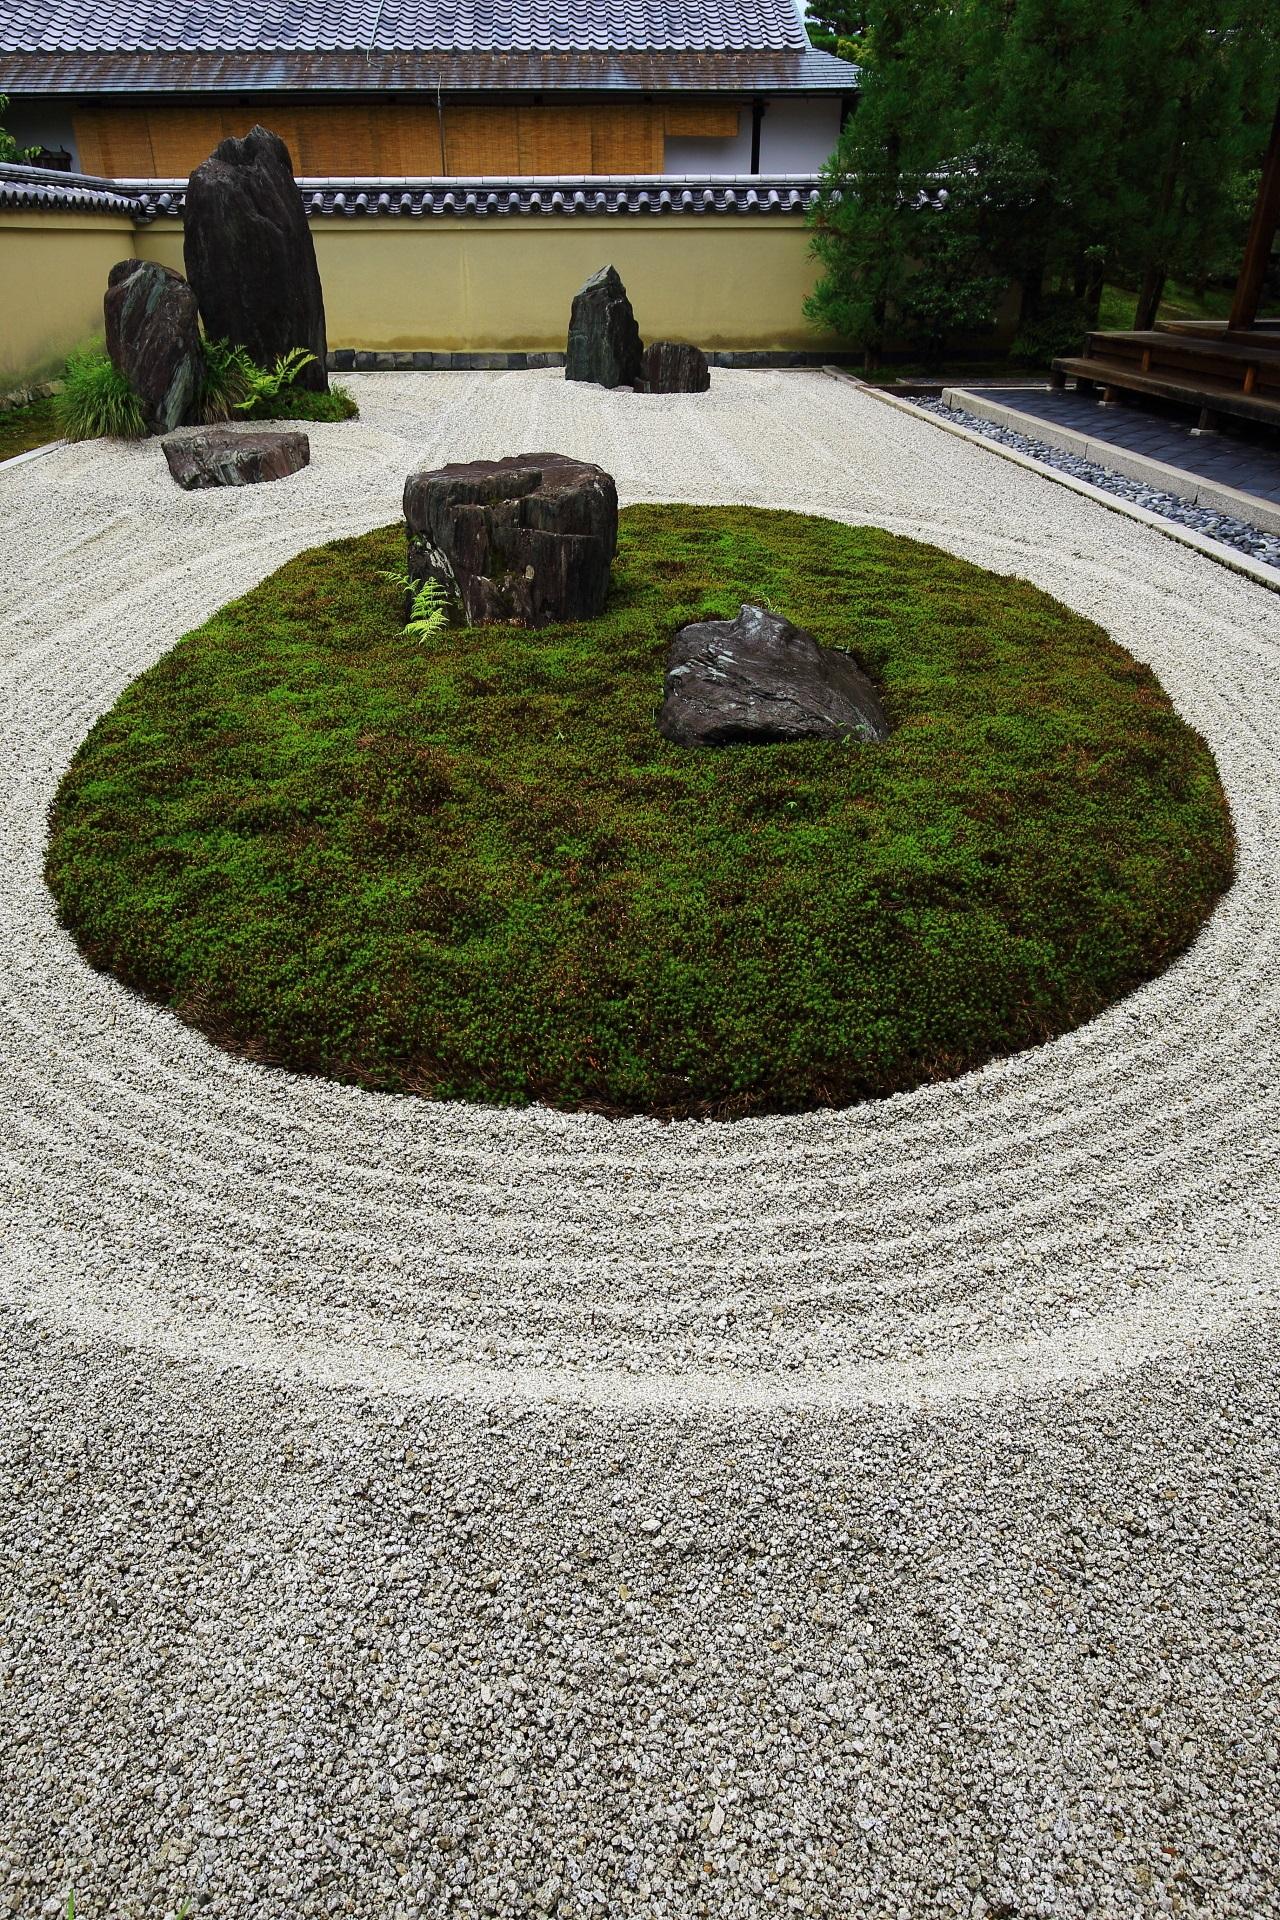 龍源院の力強さの中にも穏やかさや優しさを感じさせる方丈前石庭